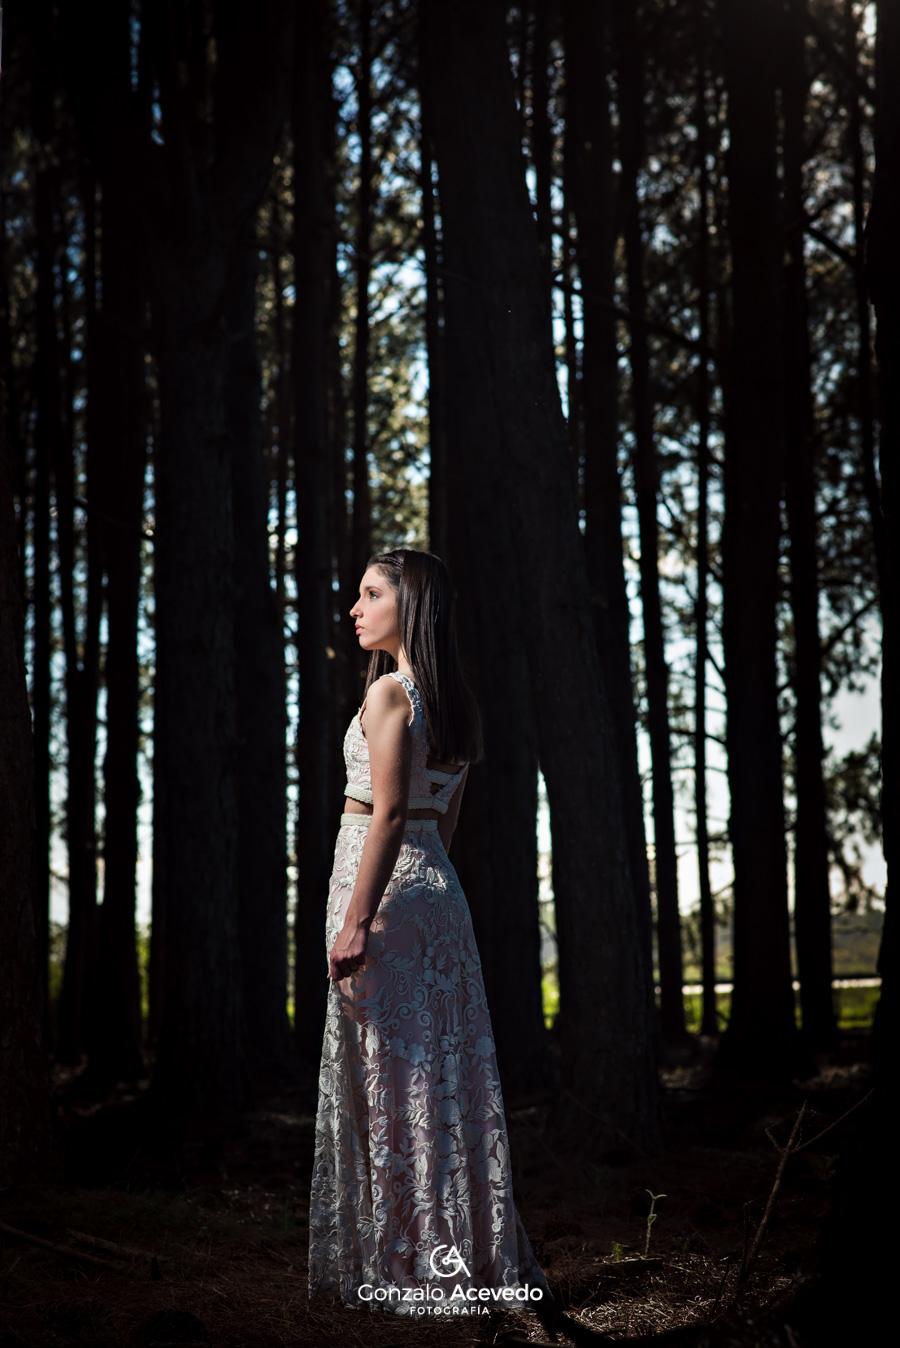 Book 15 Agus post fiesta ttd trash the dress #gonzaloacevedofotografia gonzaloacevedofotos